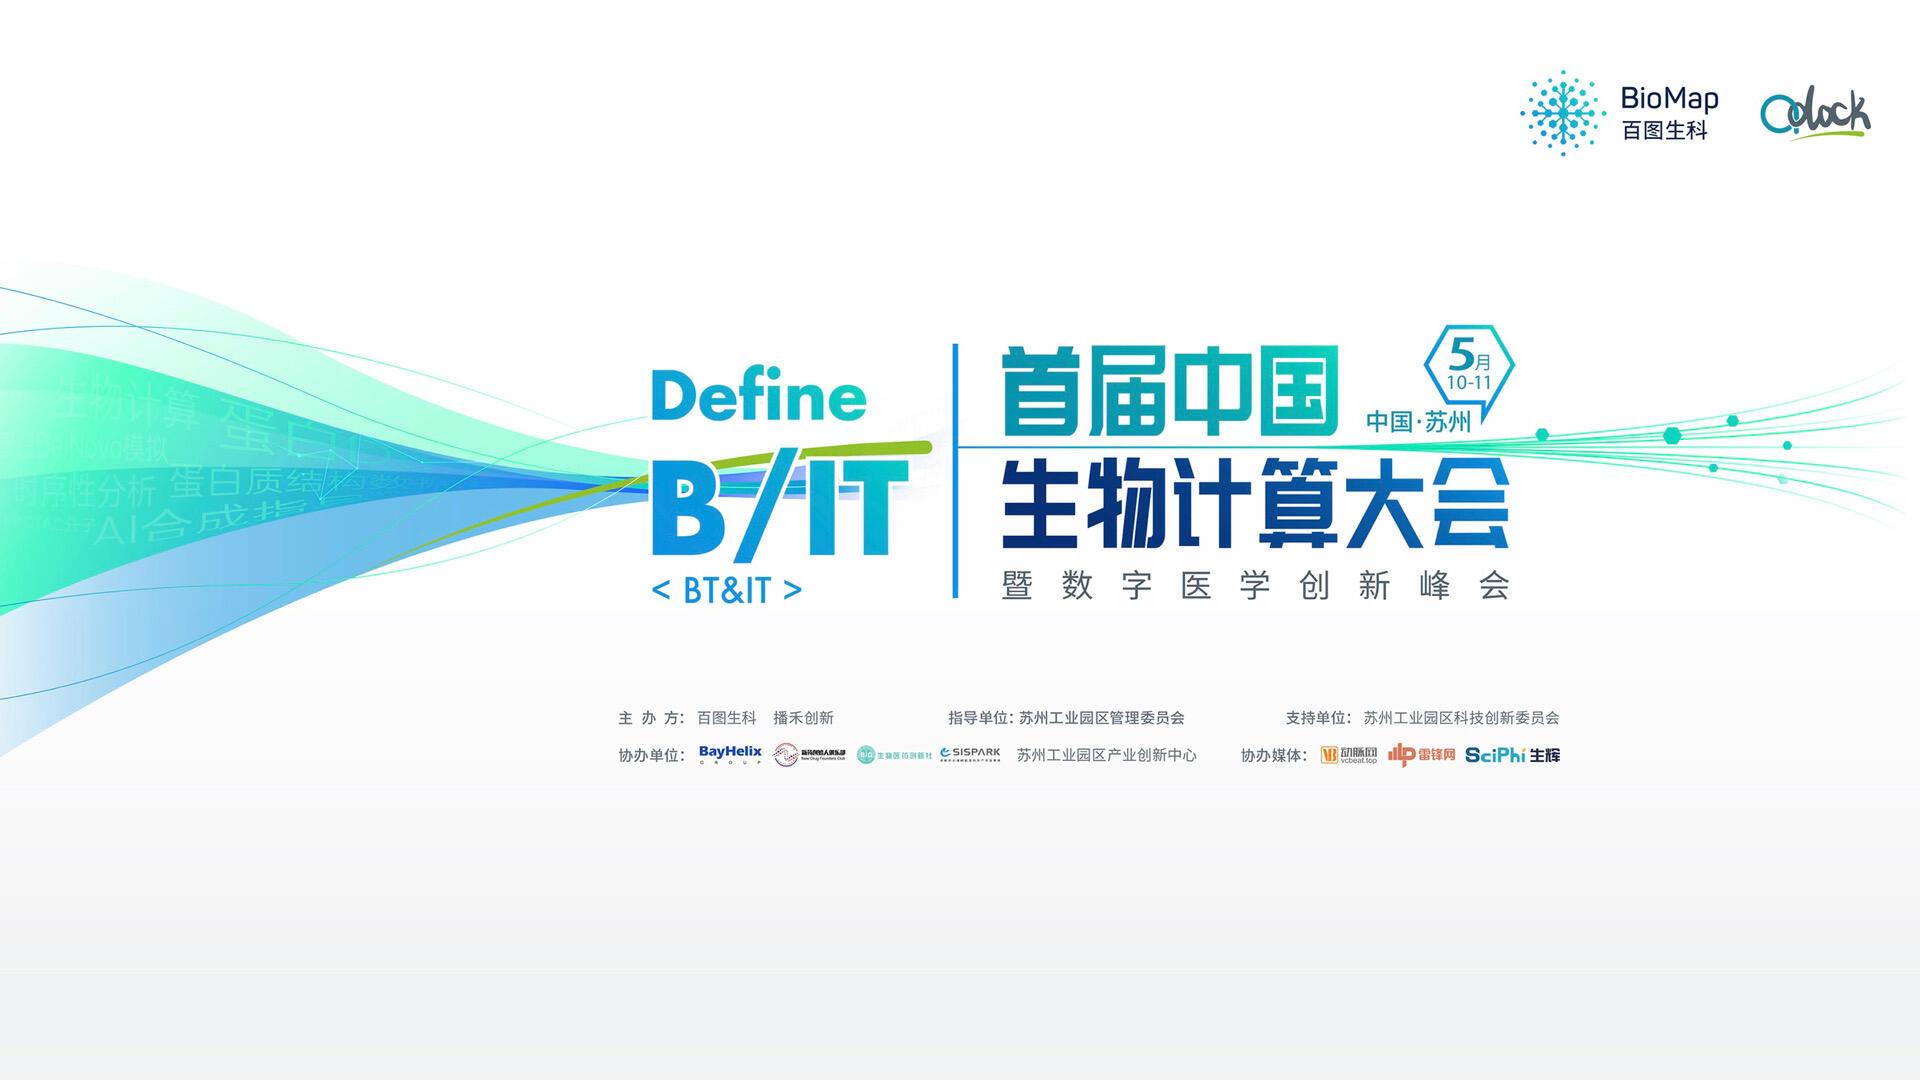 中国生物计算大会